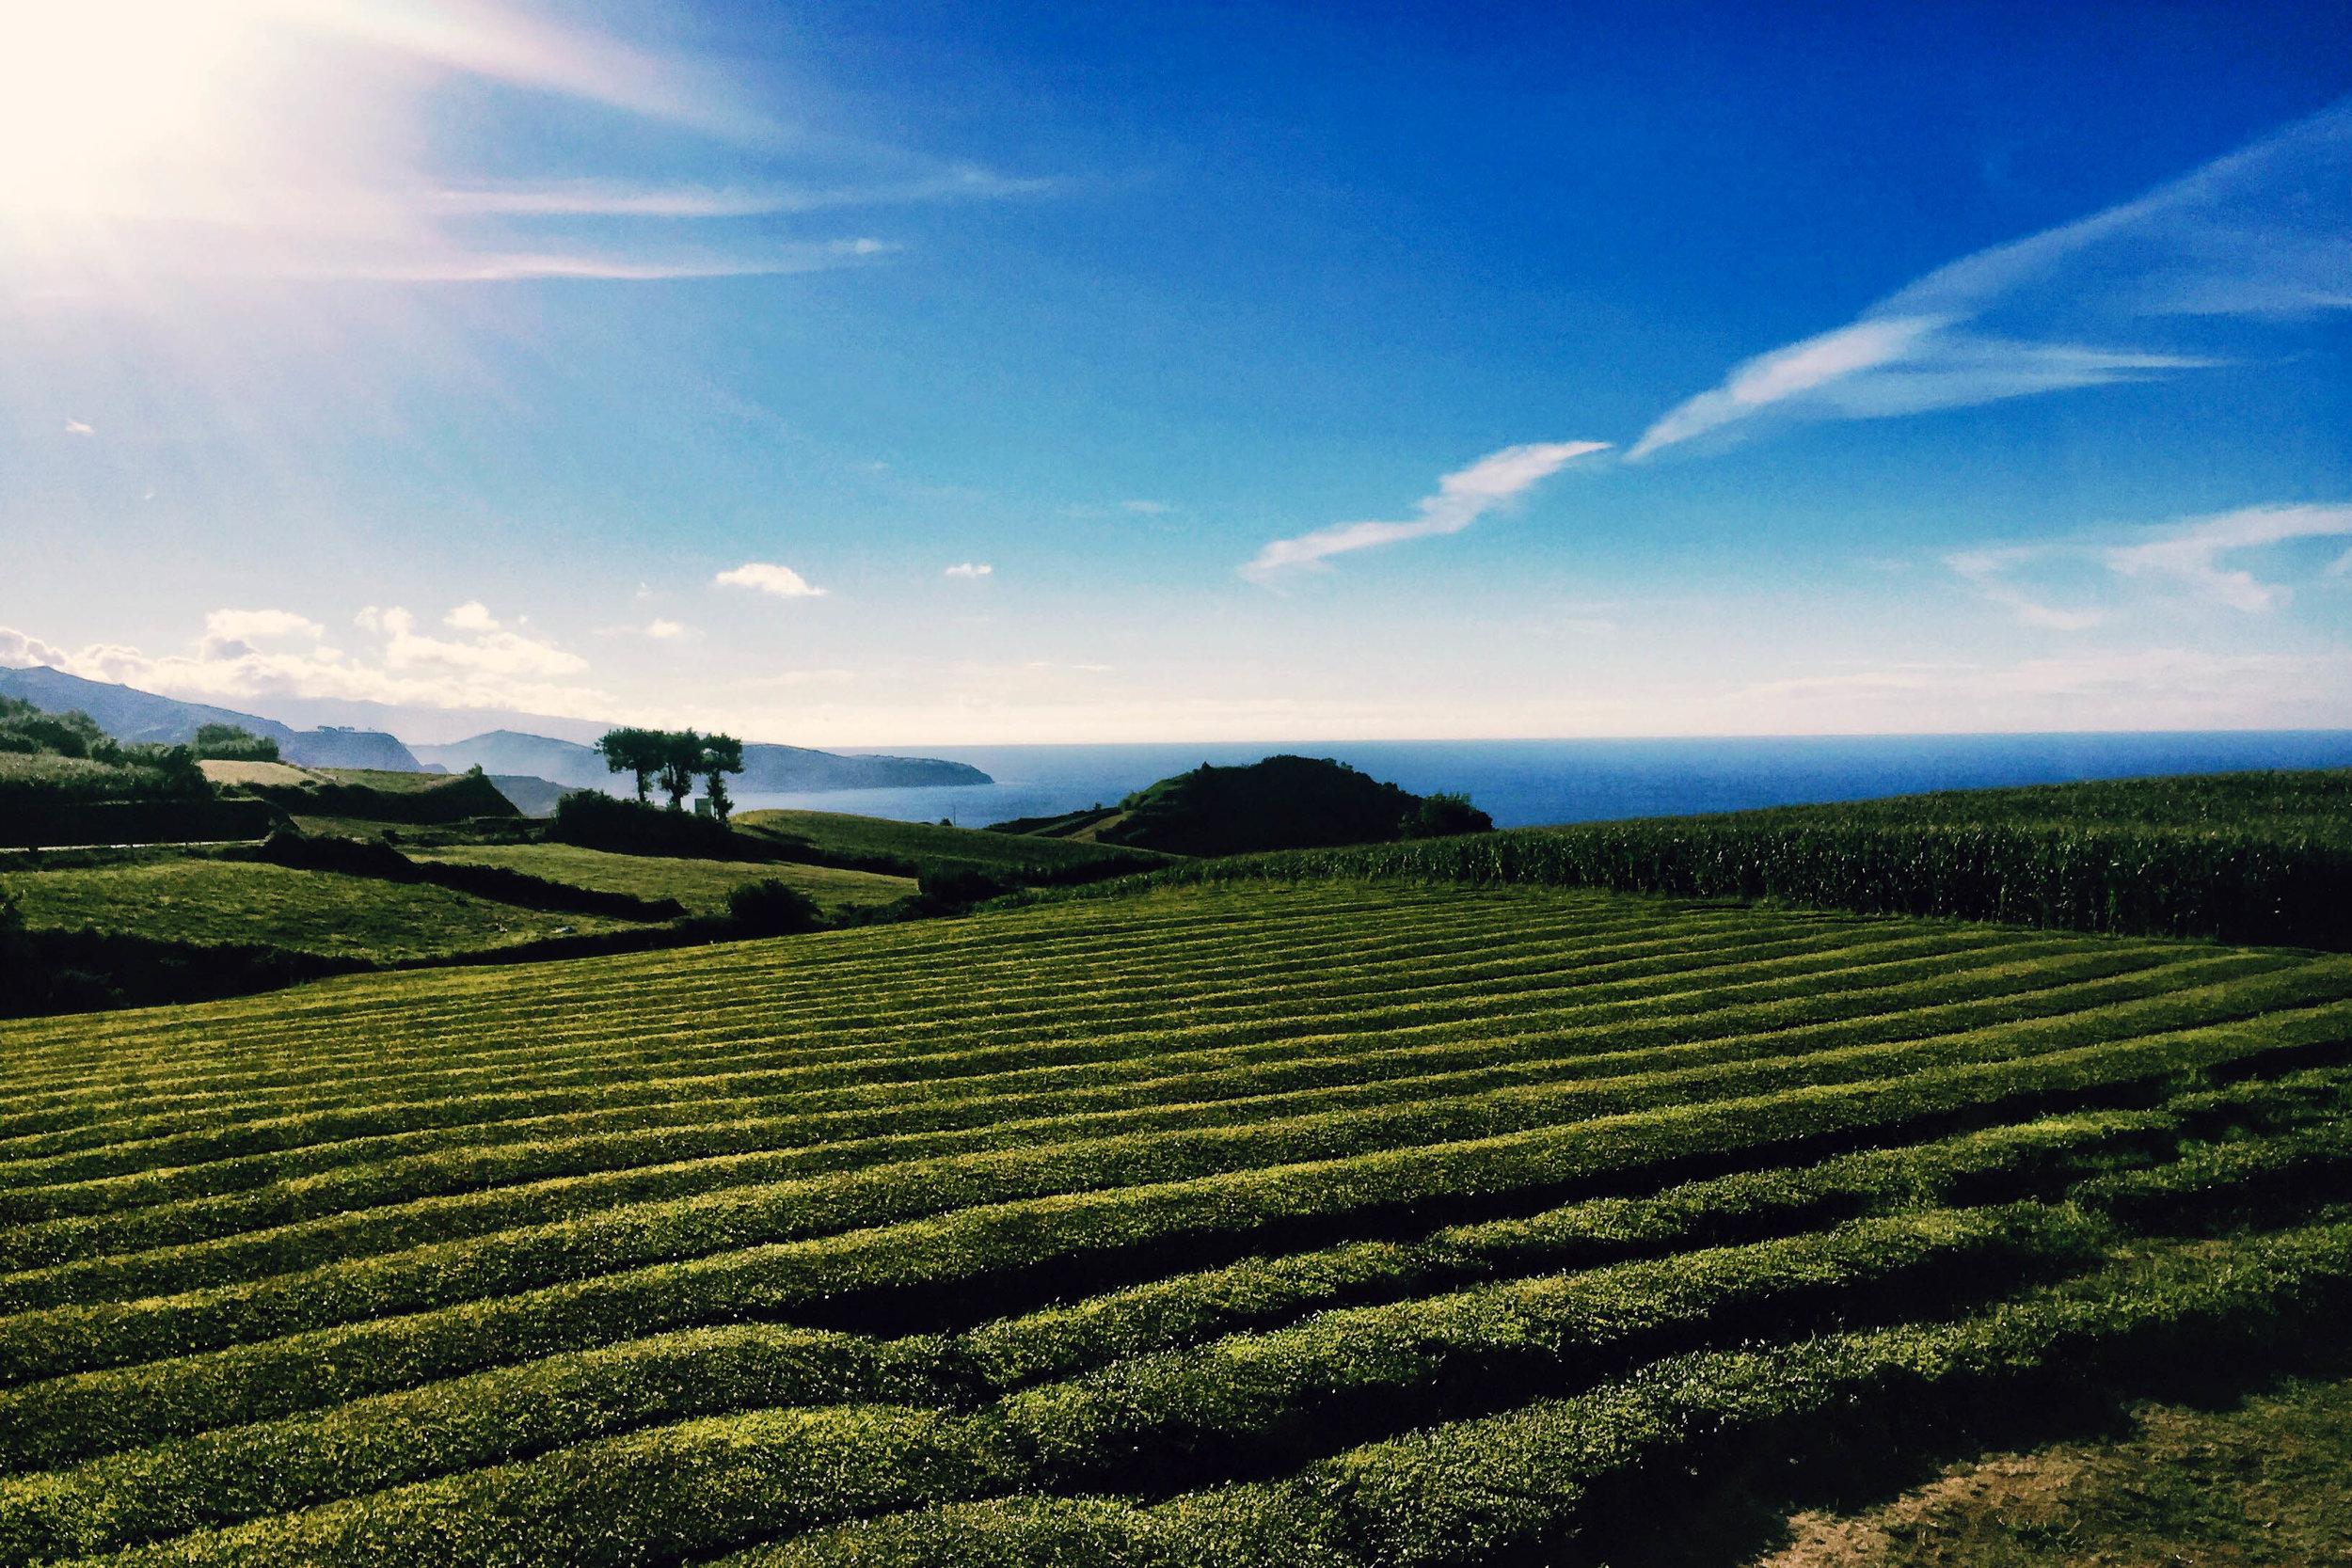 Valleys of tea in Sao Miguel